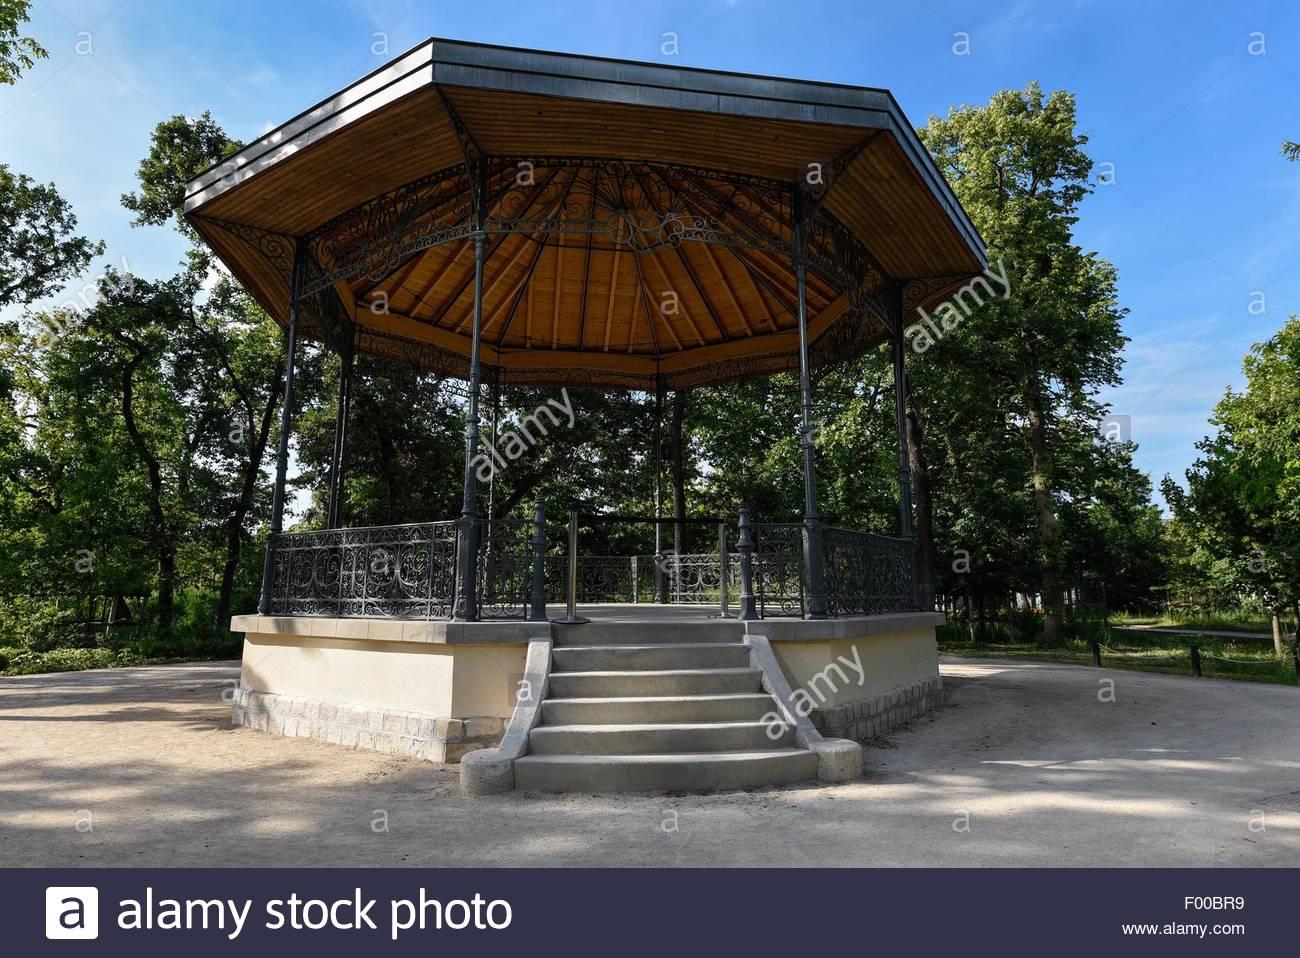 France,Paris,Bois de Boulogne Kiosque,,Art Museum.©William Stevens - Stock Image